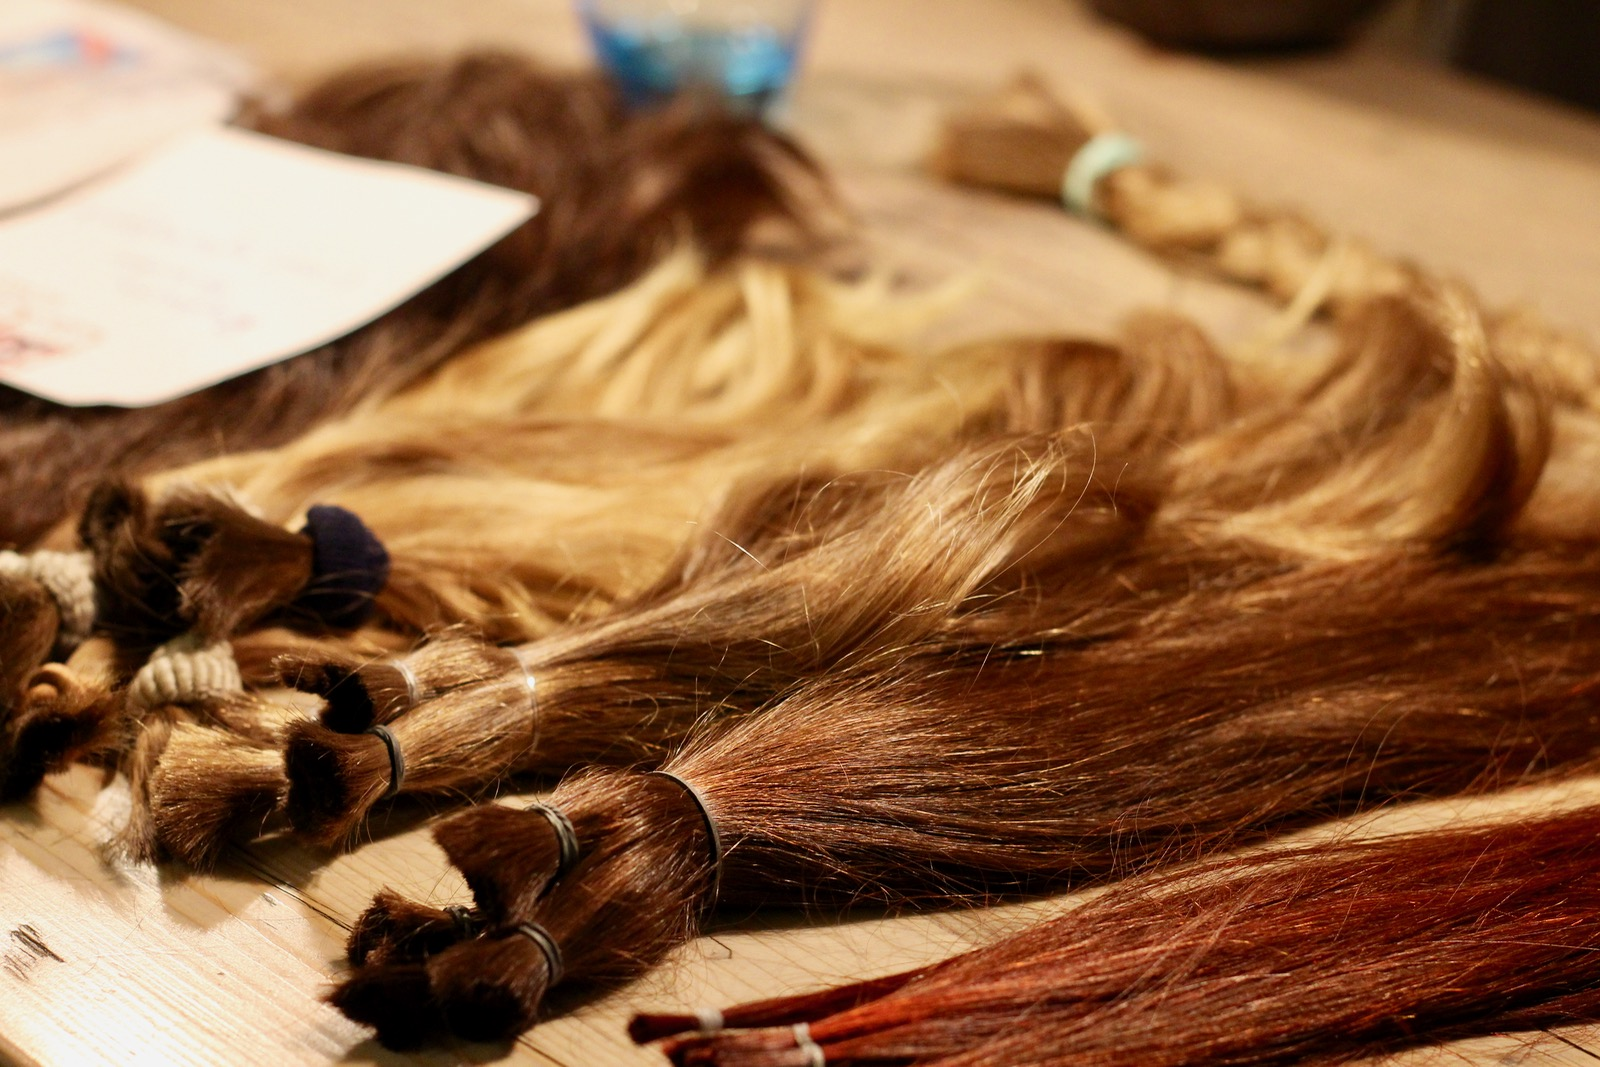 haare spenden deutschland moderne m nnliche und weibliche haarschnitte und haarf rbungen. Black Bedroom Furniture Sets. Home Design Ideas